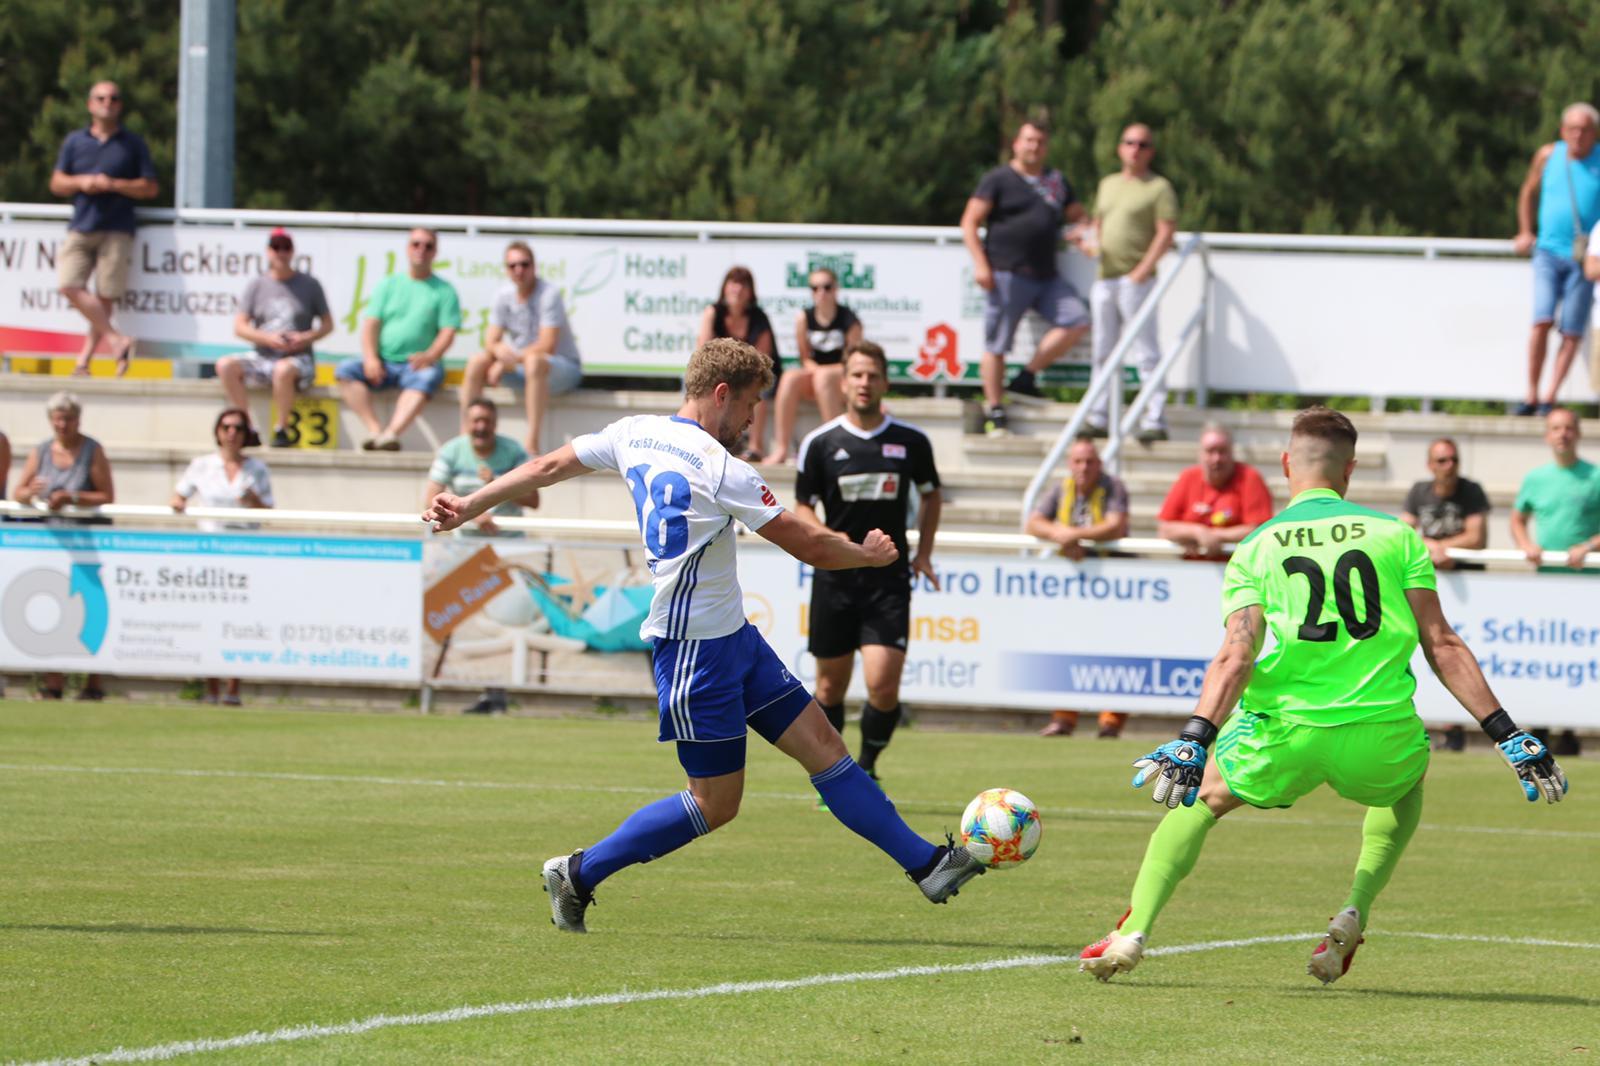 30.-Spieltag-FSV-63-Luckenwalde-VfL-05-Hohenstein-Ernstthal-4